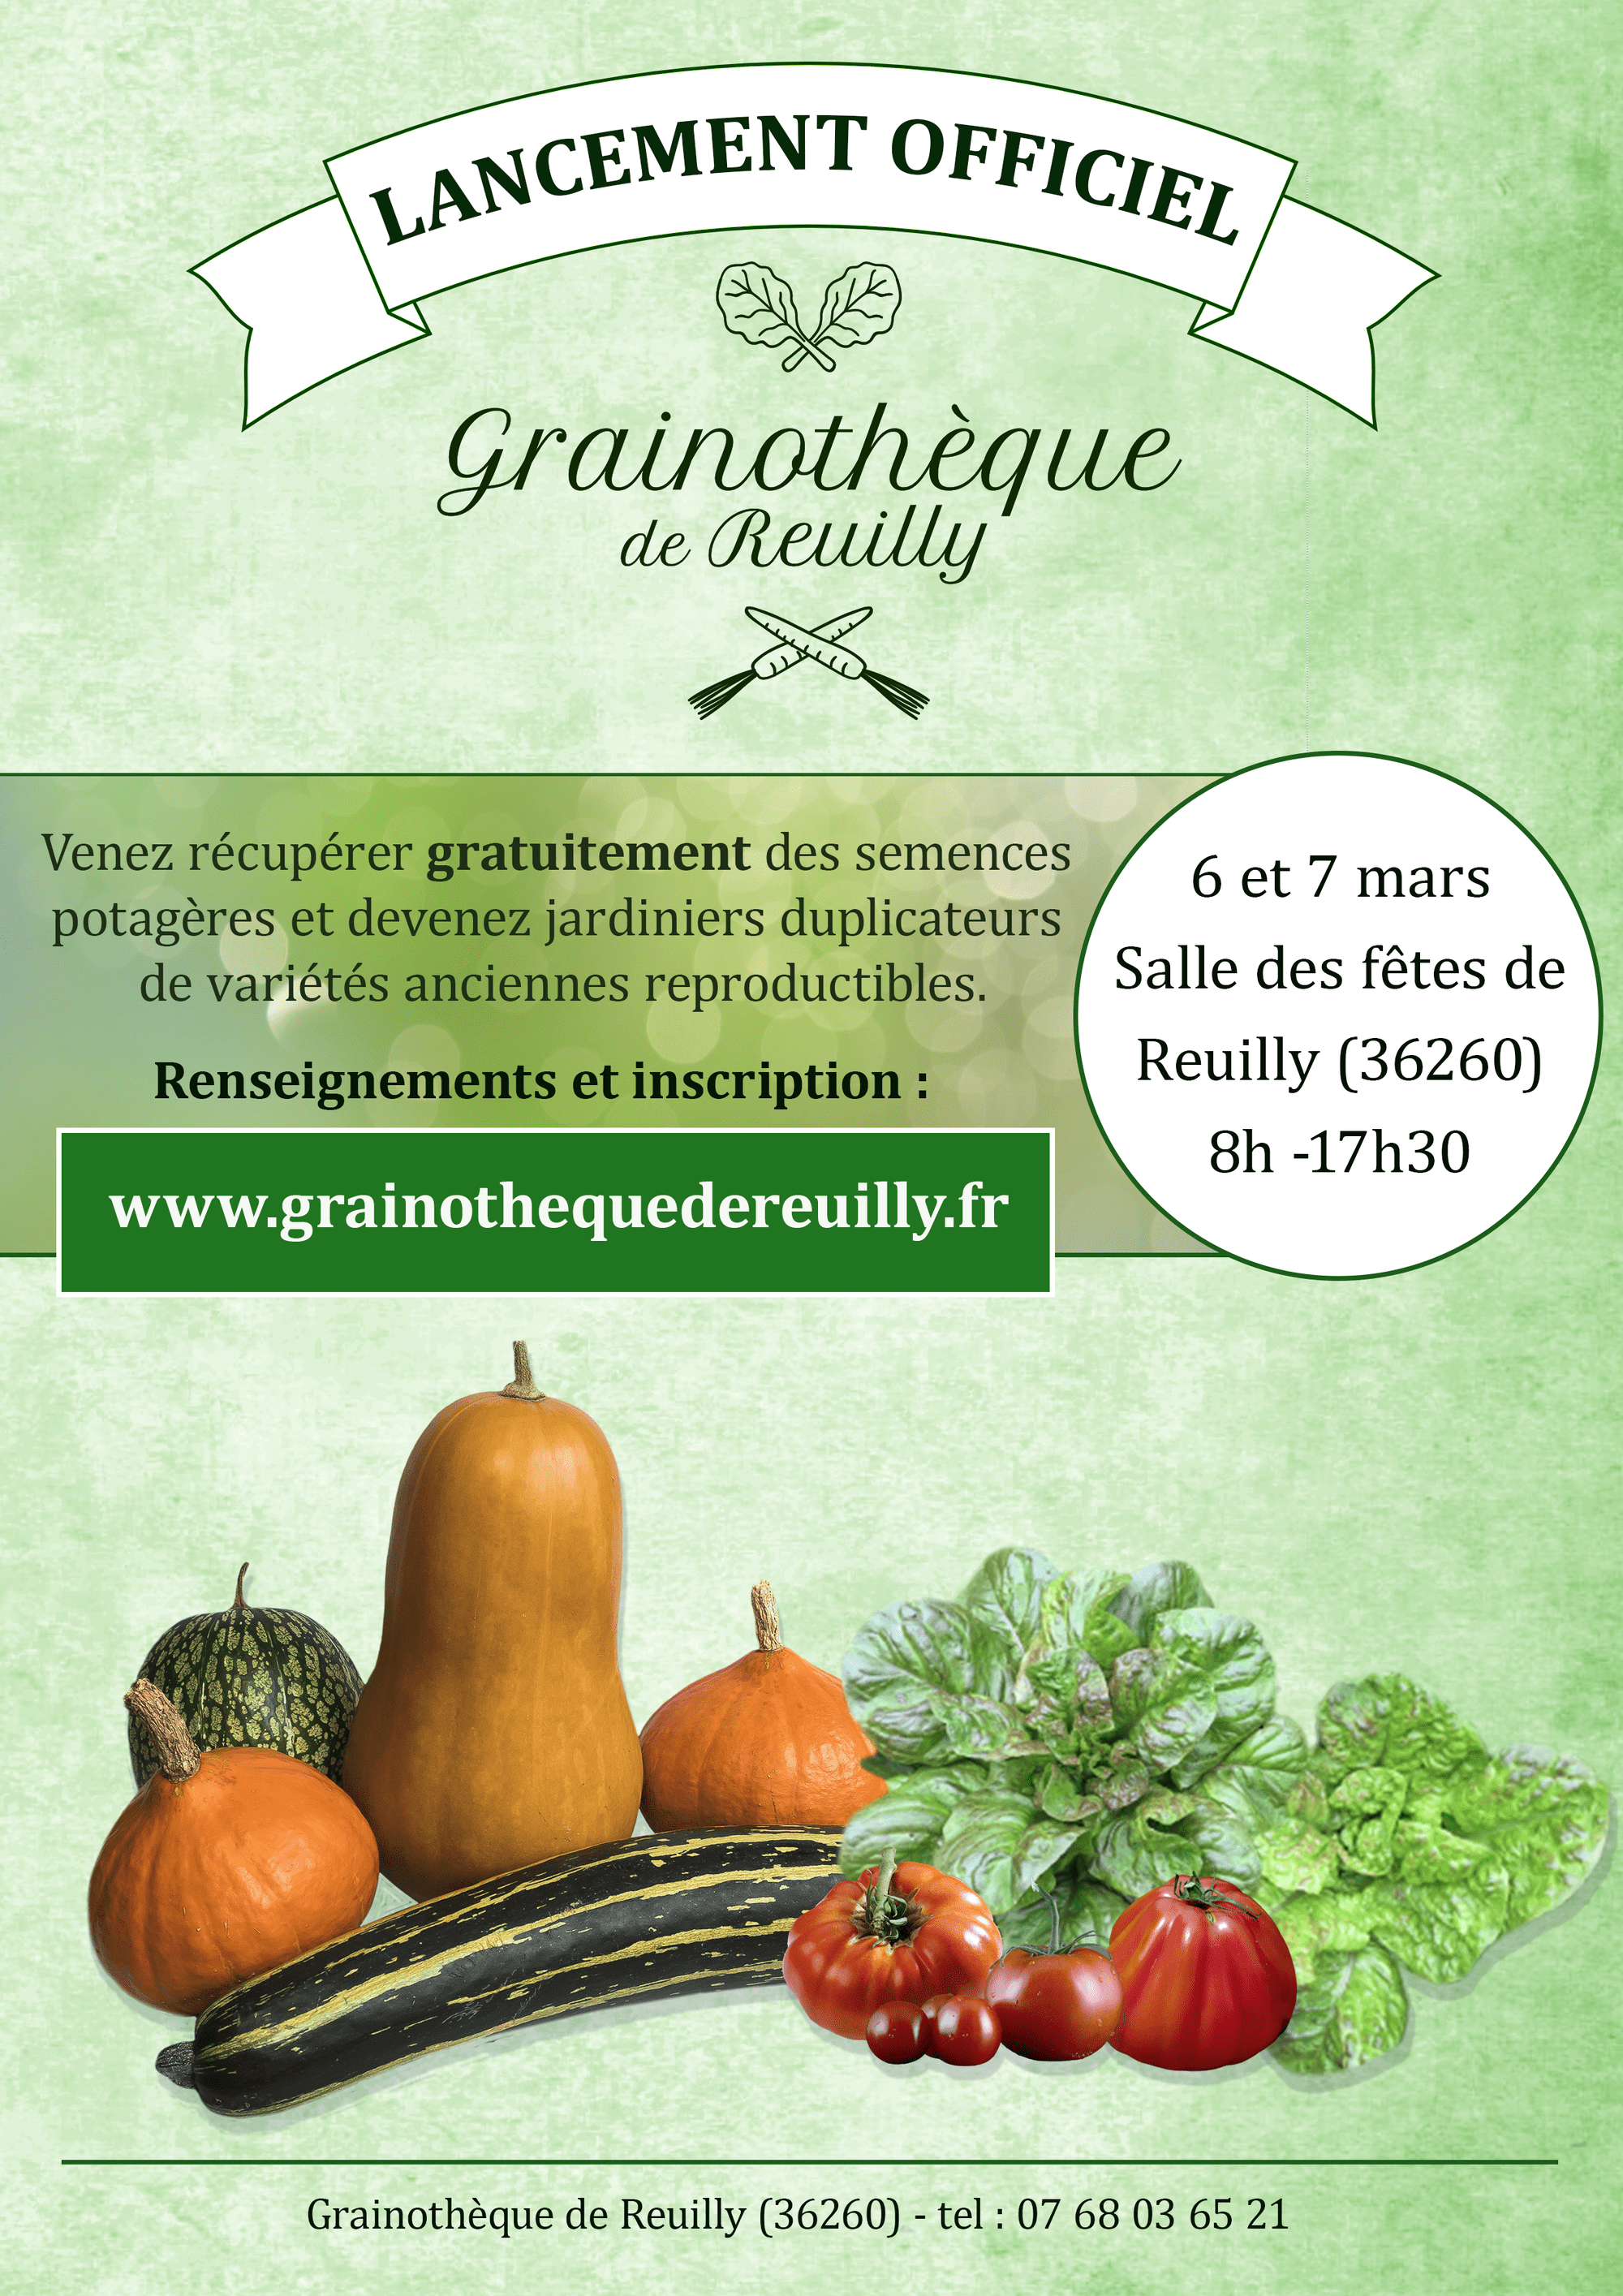 affiche-lancement de Grainotheque de Reuilly finale